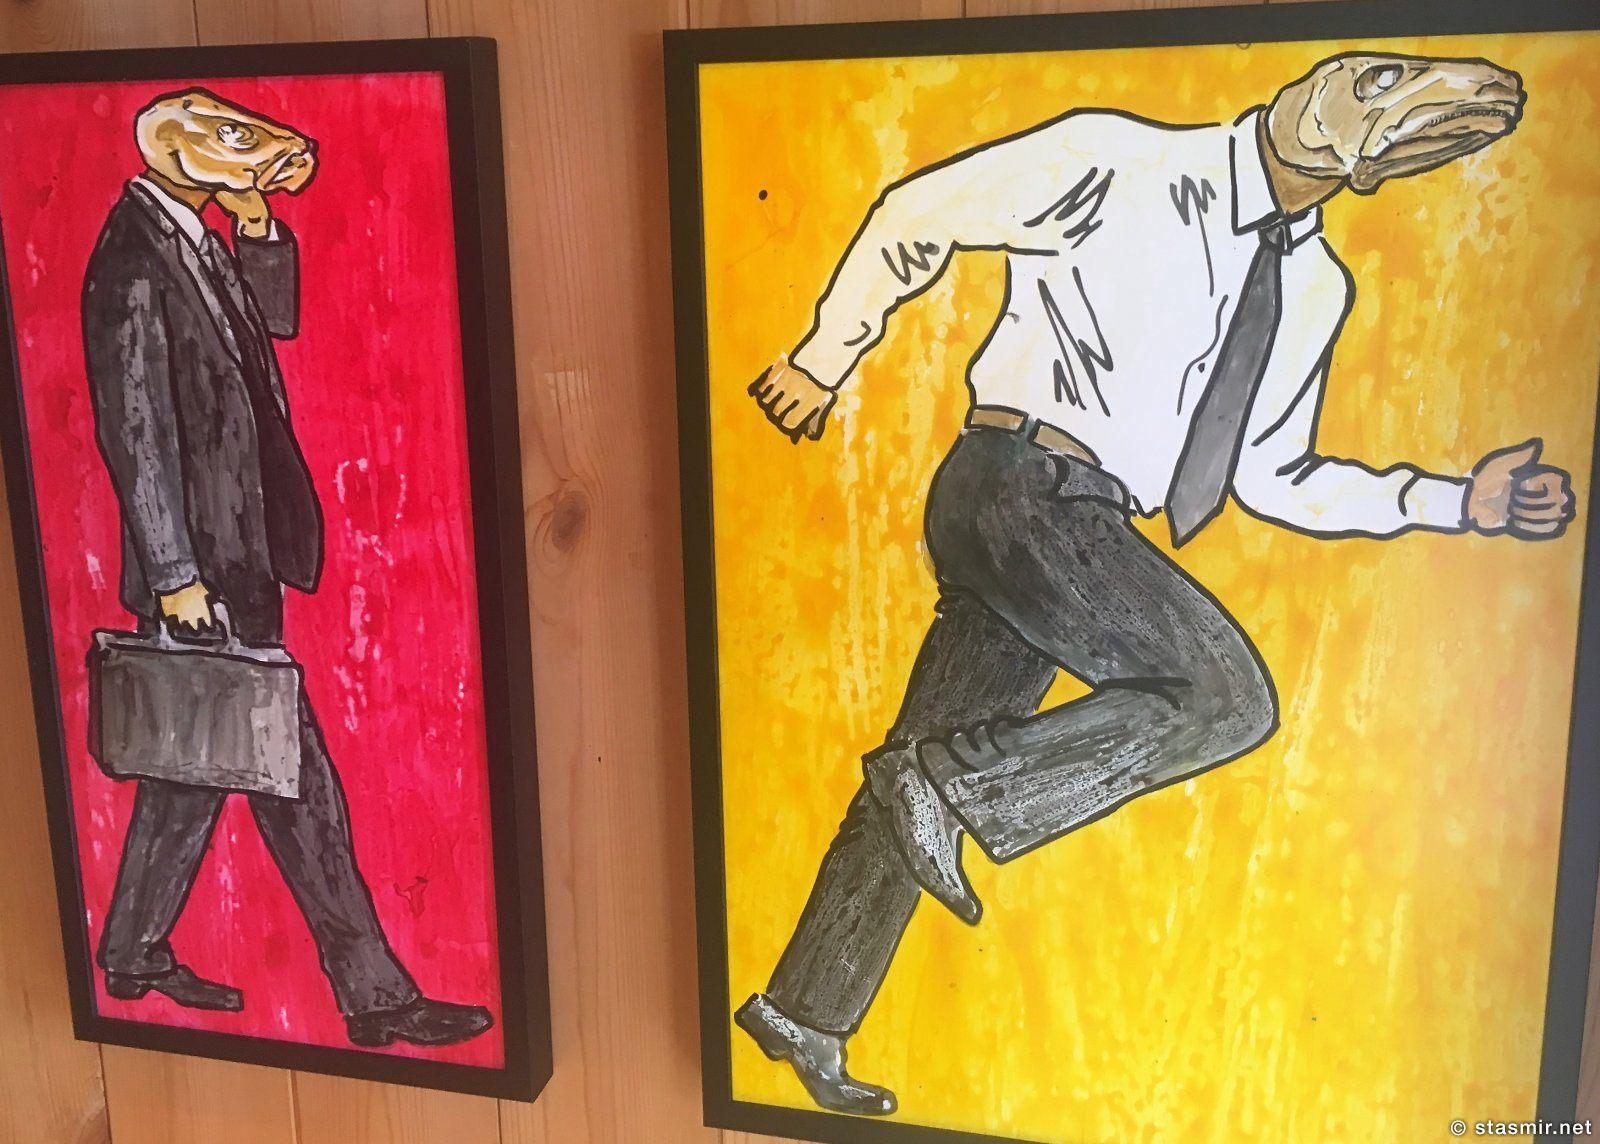 Рыбоголовые капиталисты кисти исландского мастера. Сфотографировал где-то в отеле. Автора, к глубокому сожалению, не знаю. Фото Стасмир, photo Stasmir